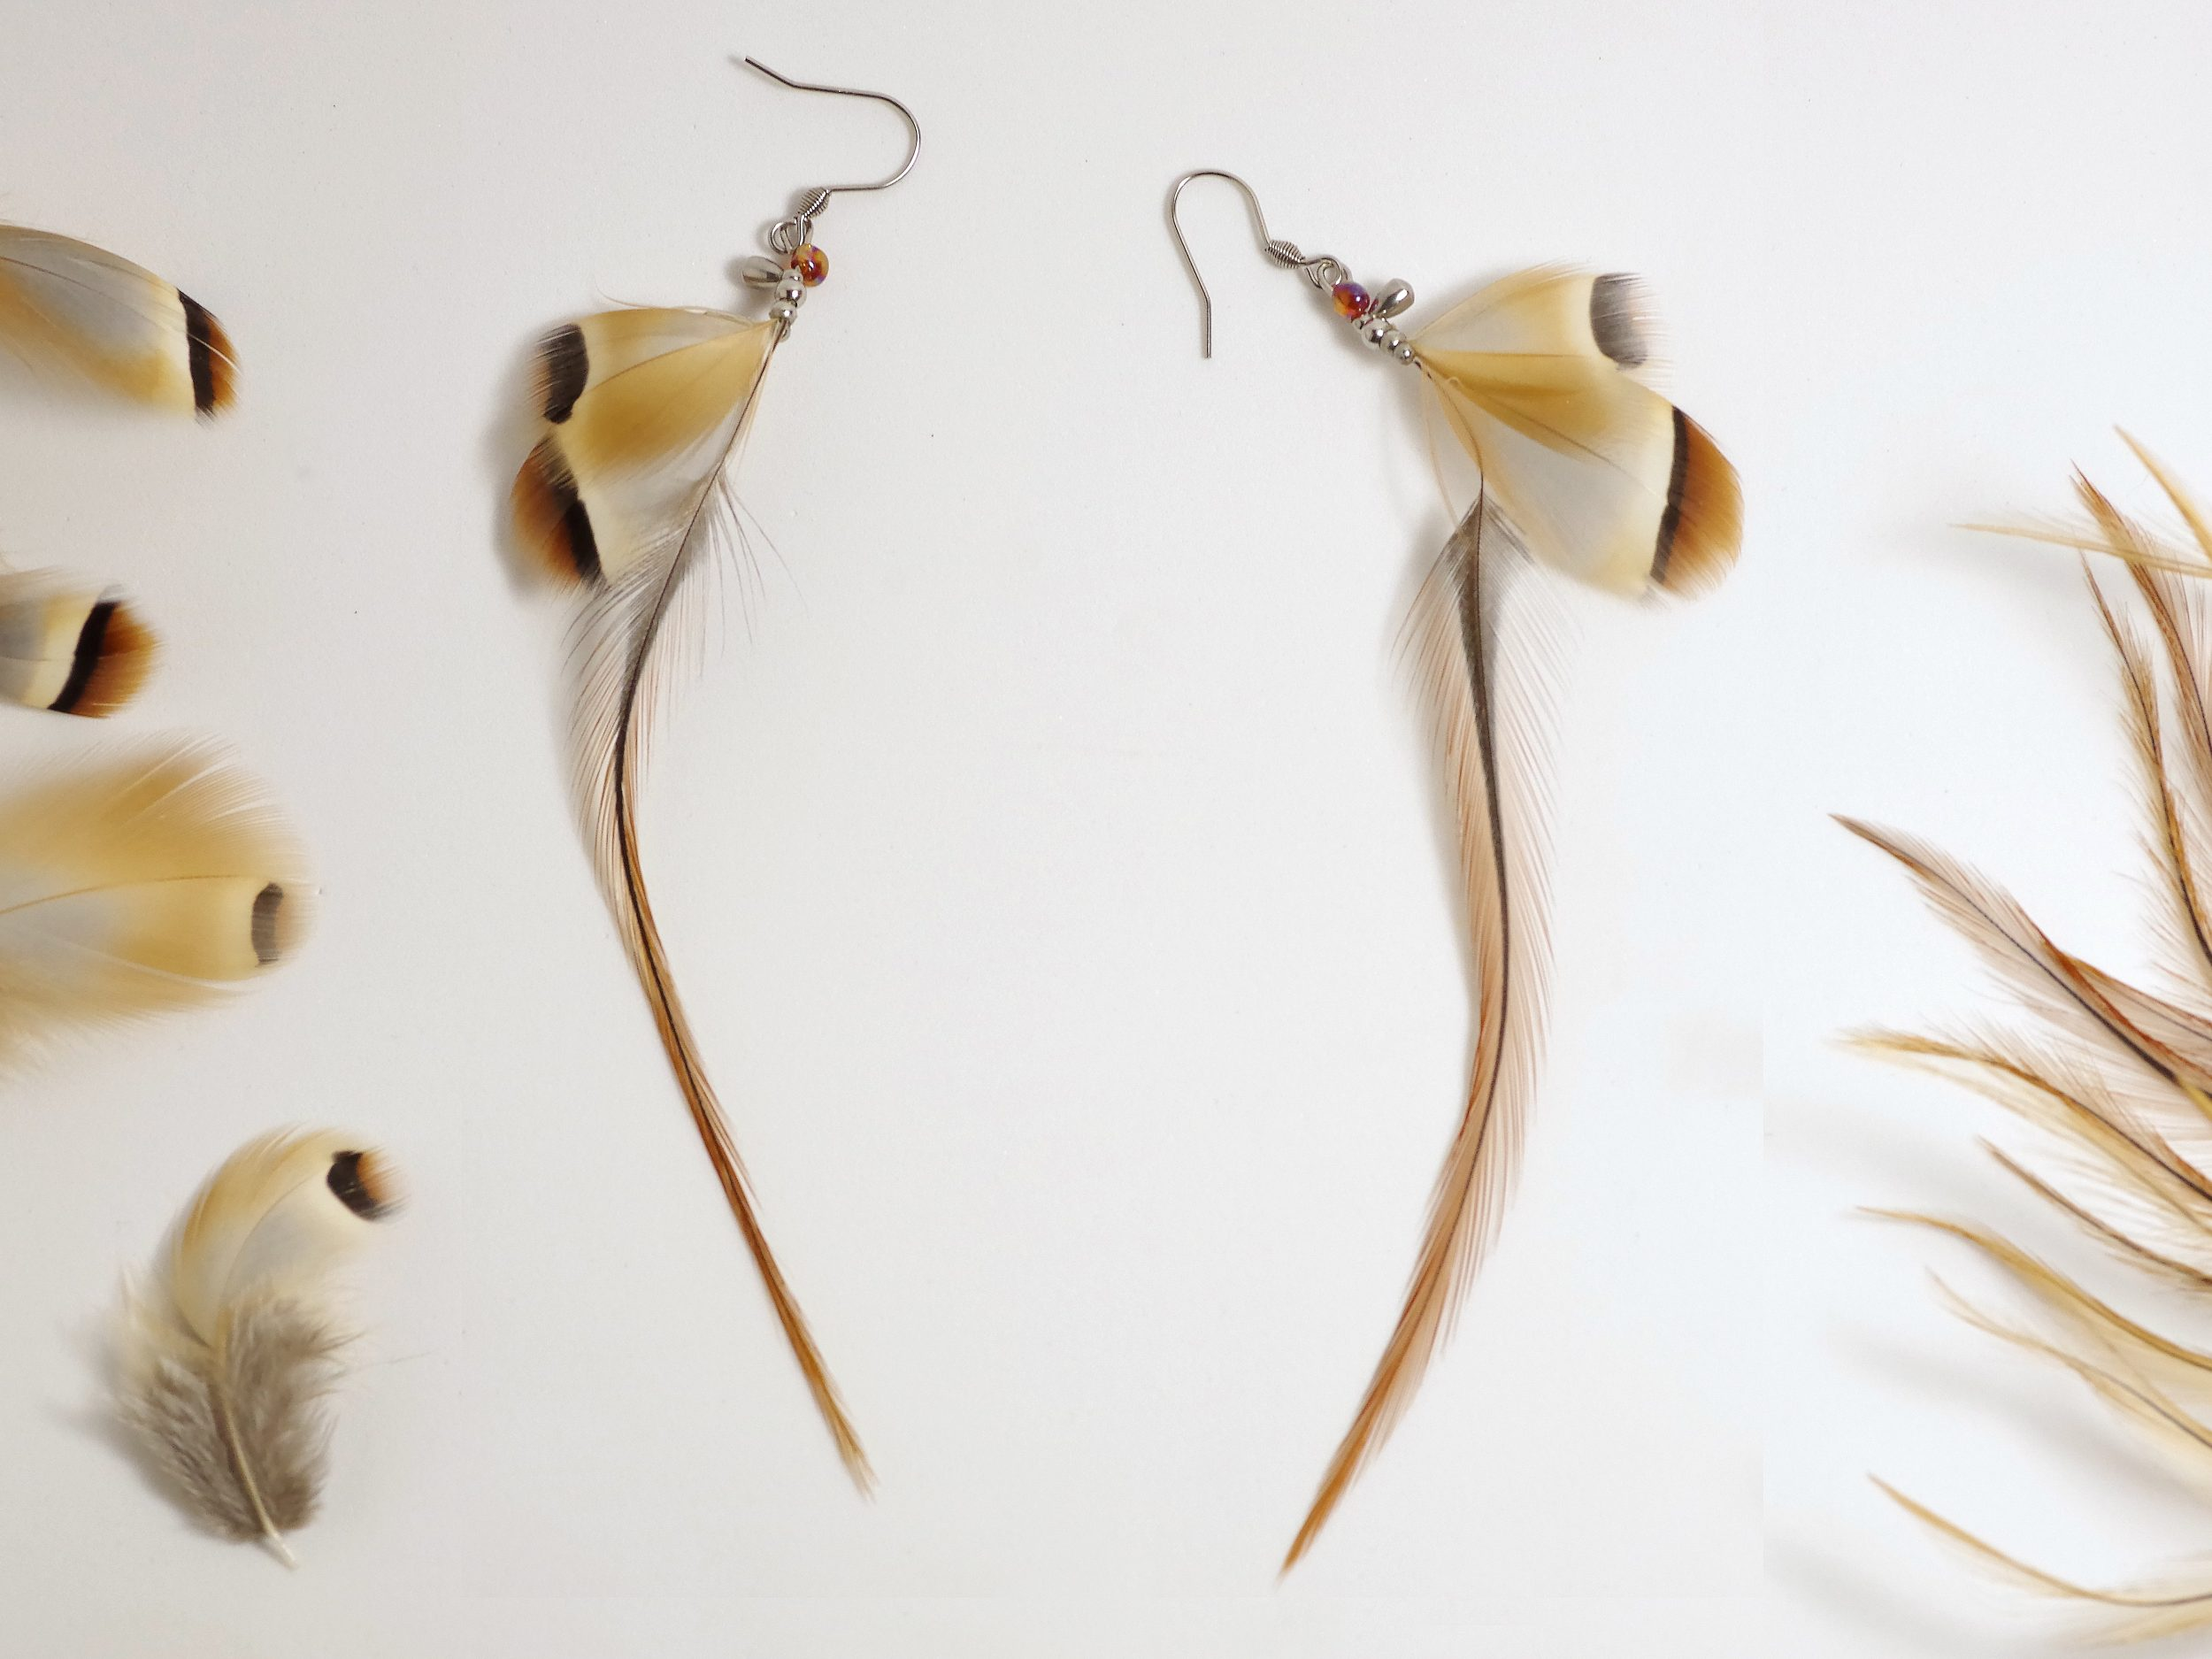 boucles d'oreilles aux longues et fines plumes marron associées à des pettes plumes grises et marron.